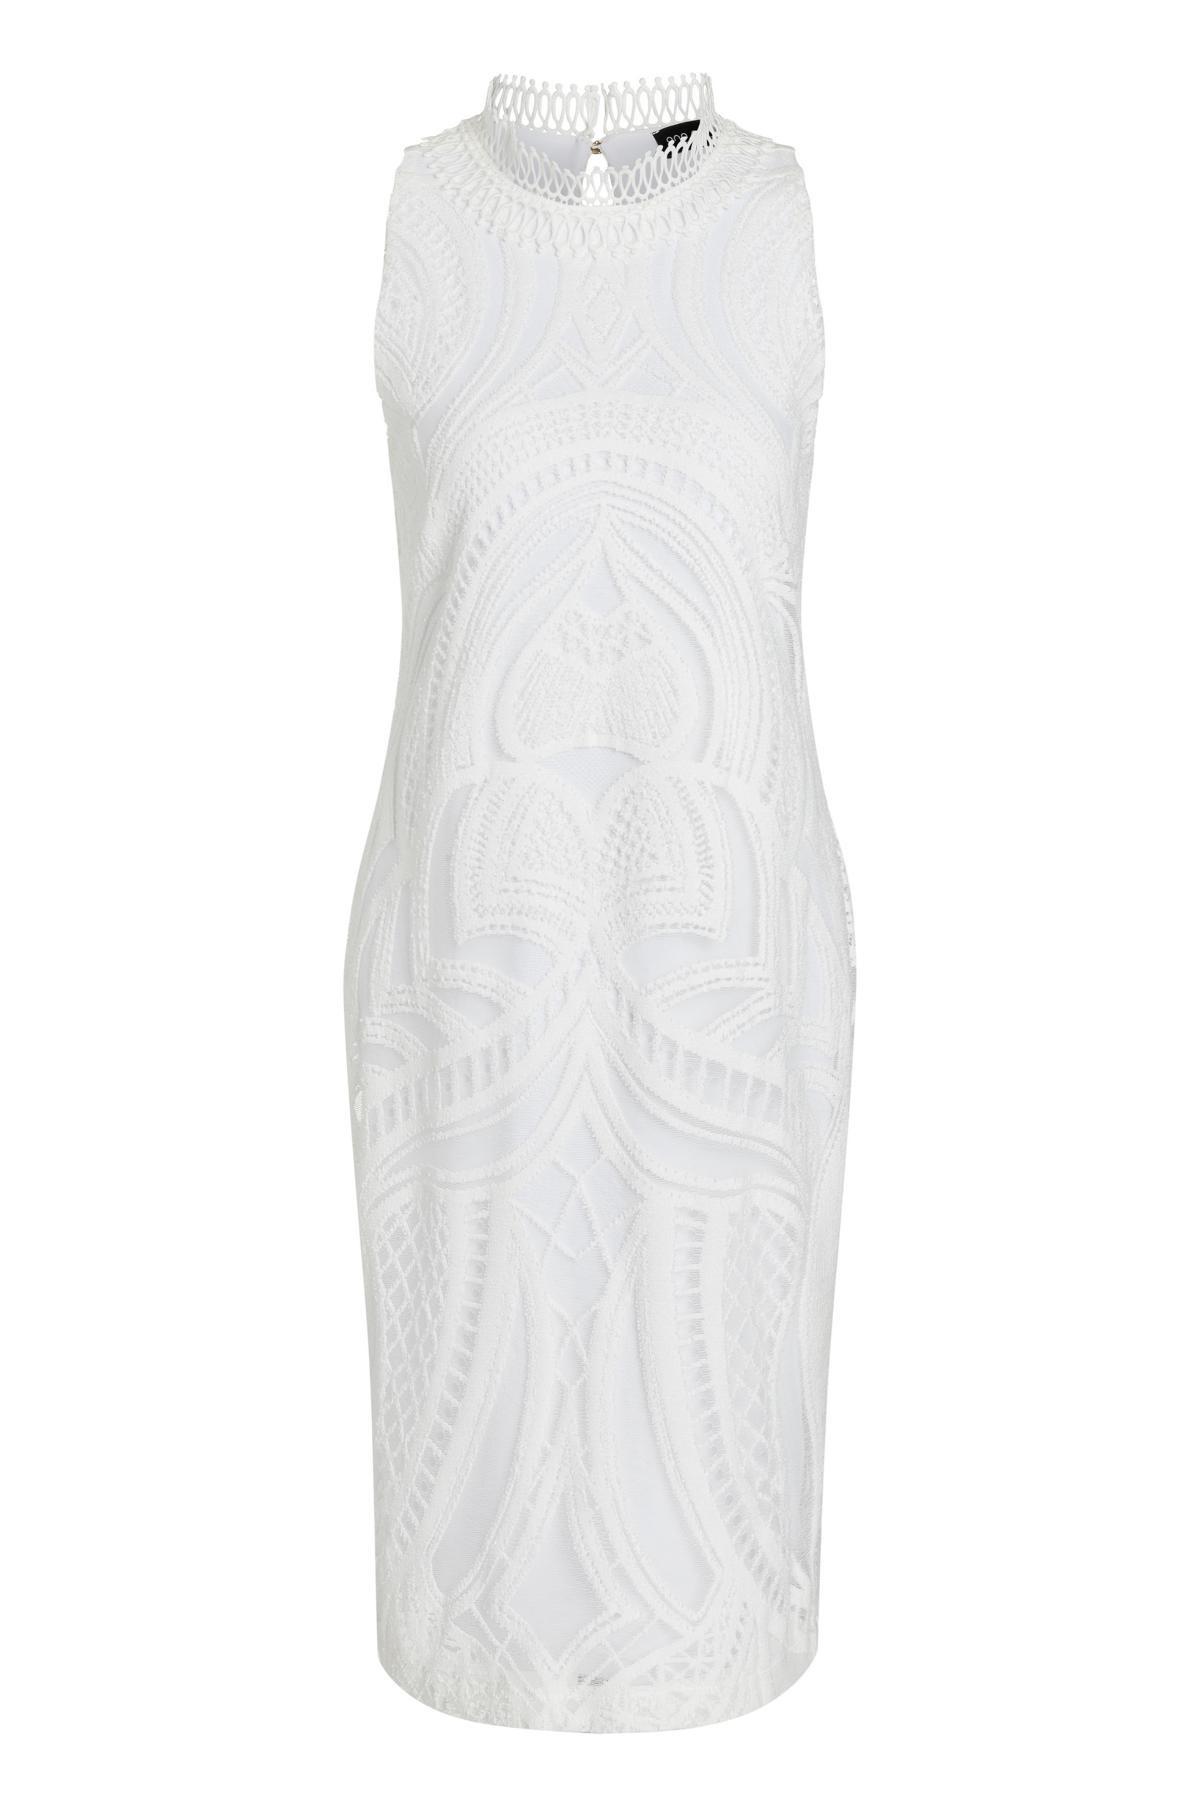 10 Schön Konfirmationskleider Weiß Design20 Schön Konfirmationskleider Weiß Boutique